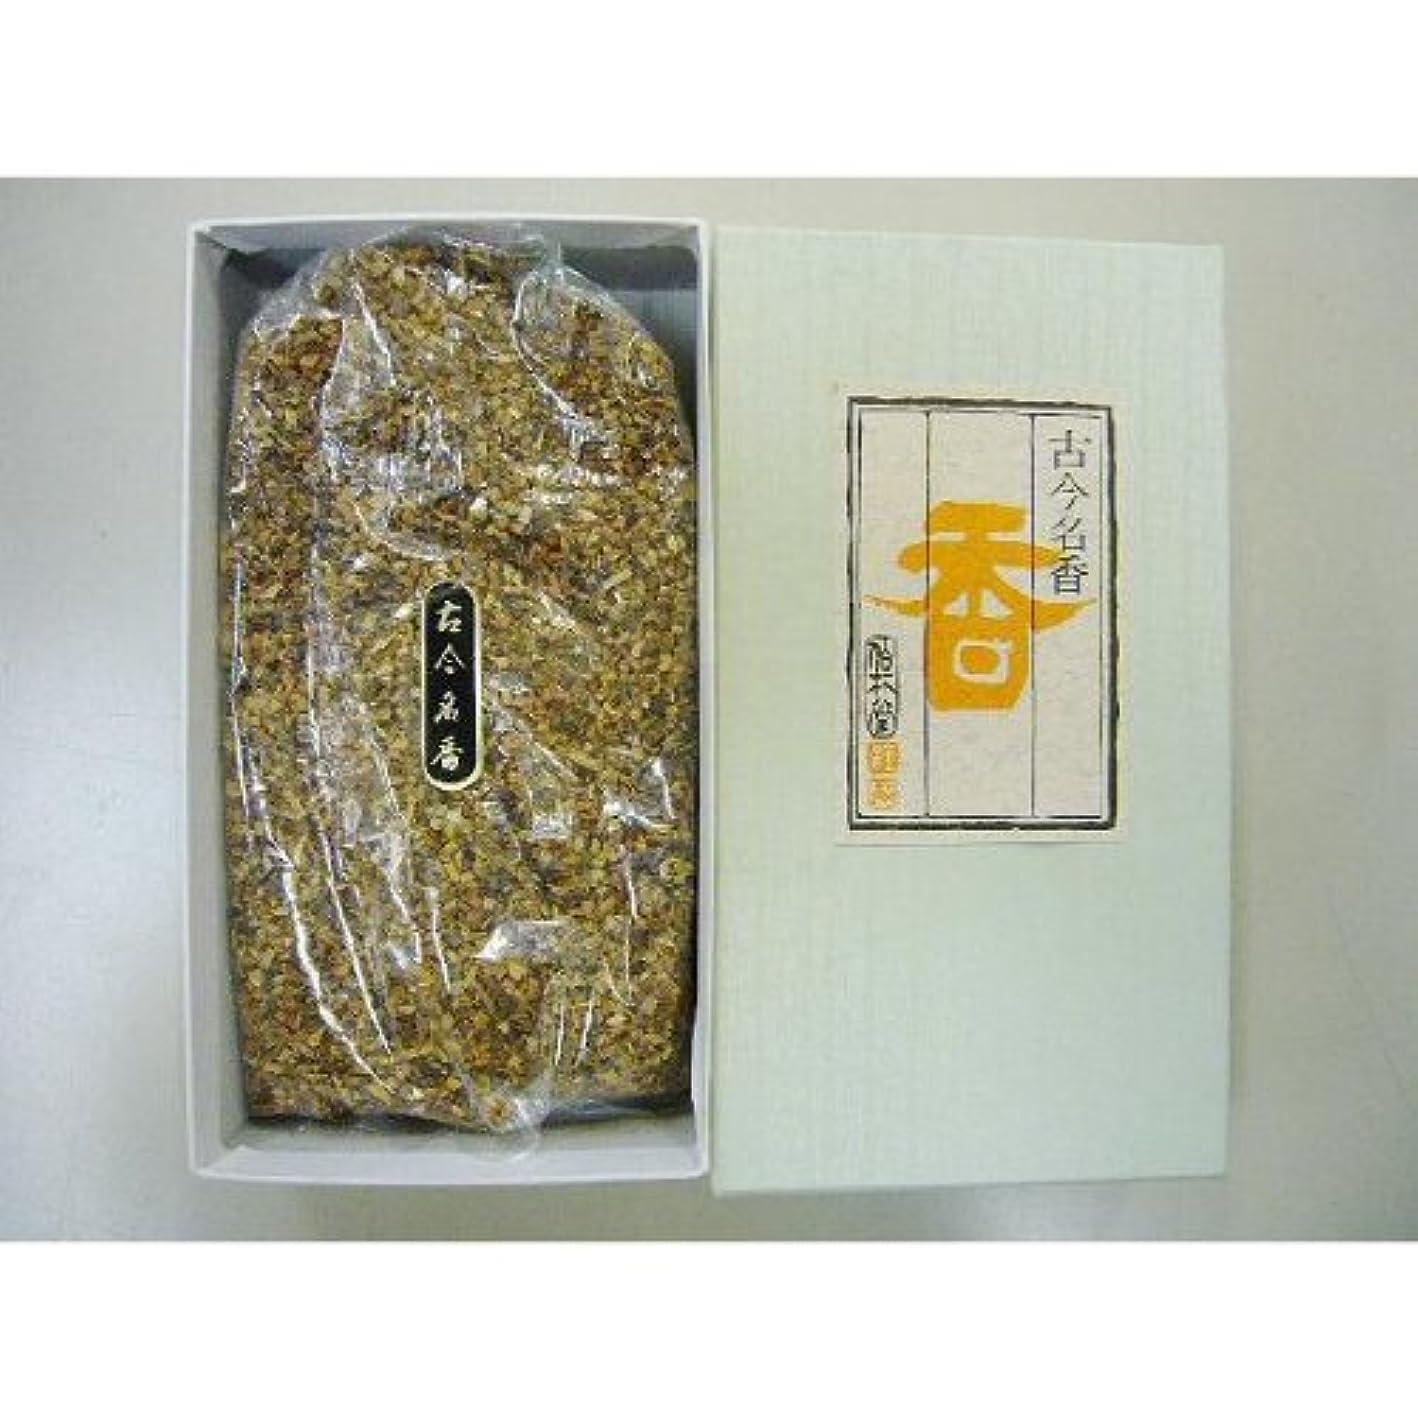 作るバタフライ流す焼香 蘭麝待香200g箱入 抹香